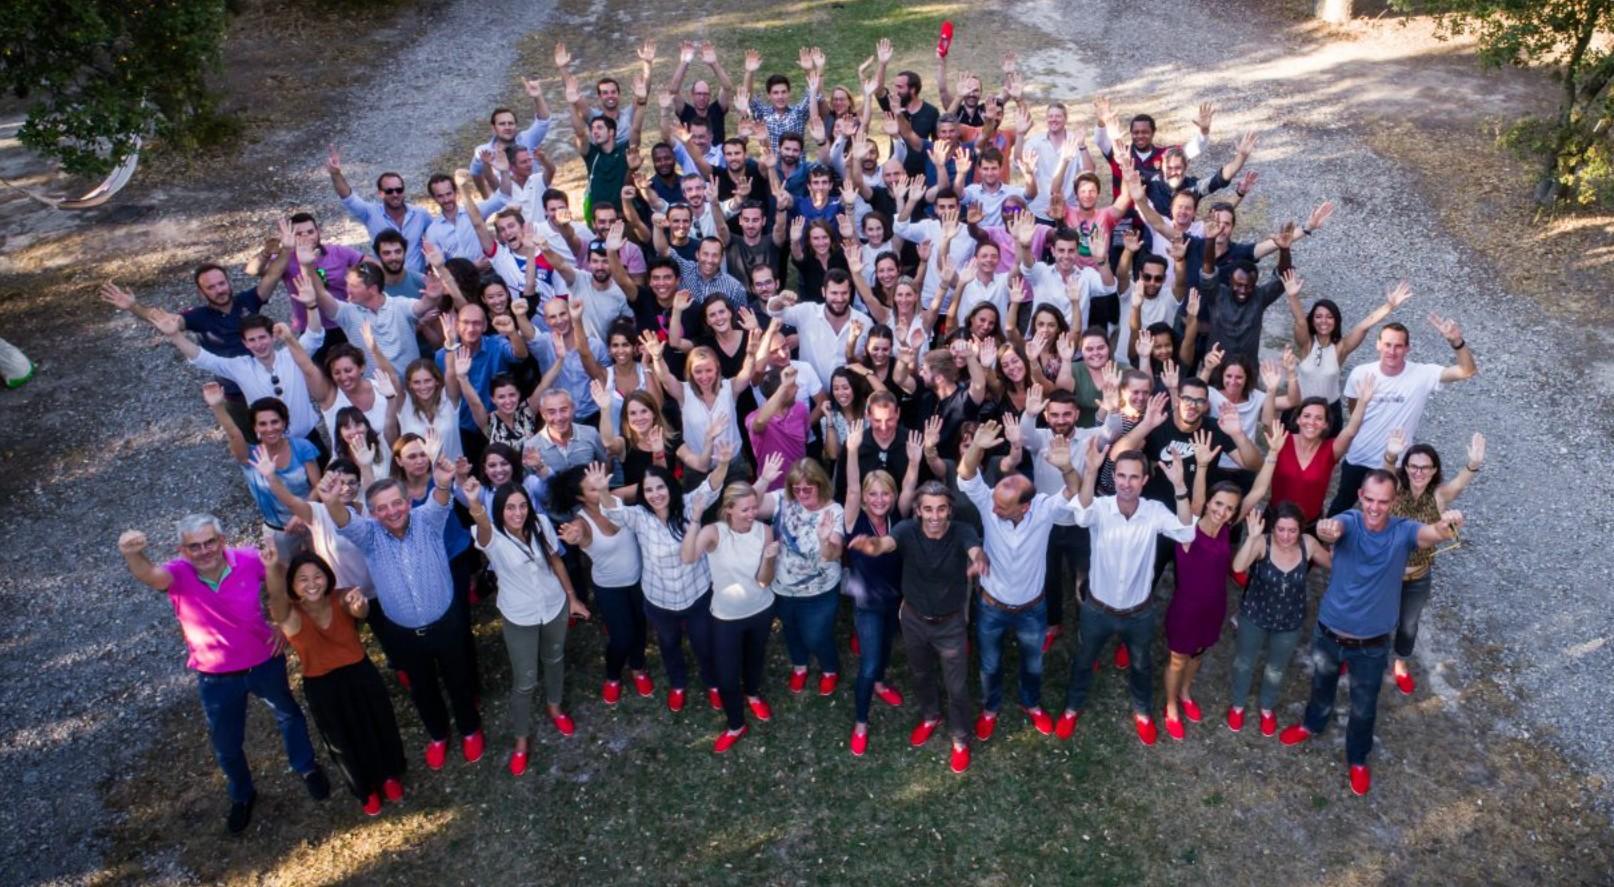 Photo of [Emploi] Están reclutando en 2021: CVE busca 60 talentos en energías renovables